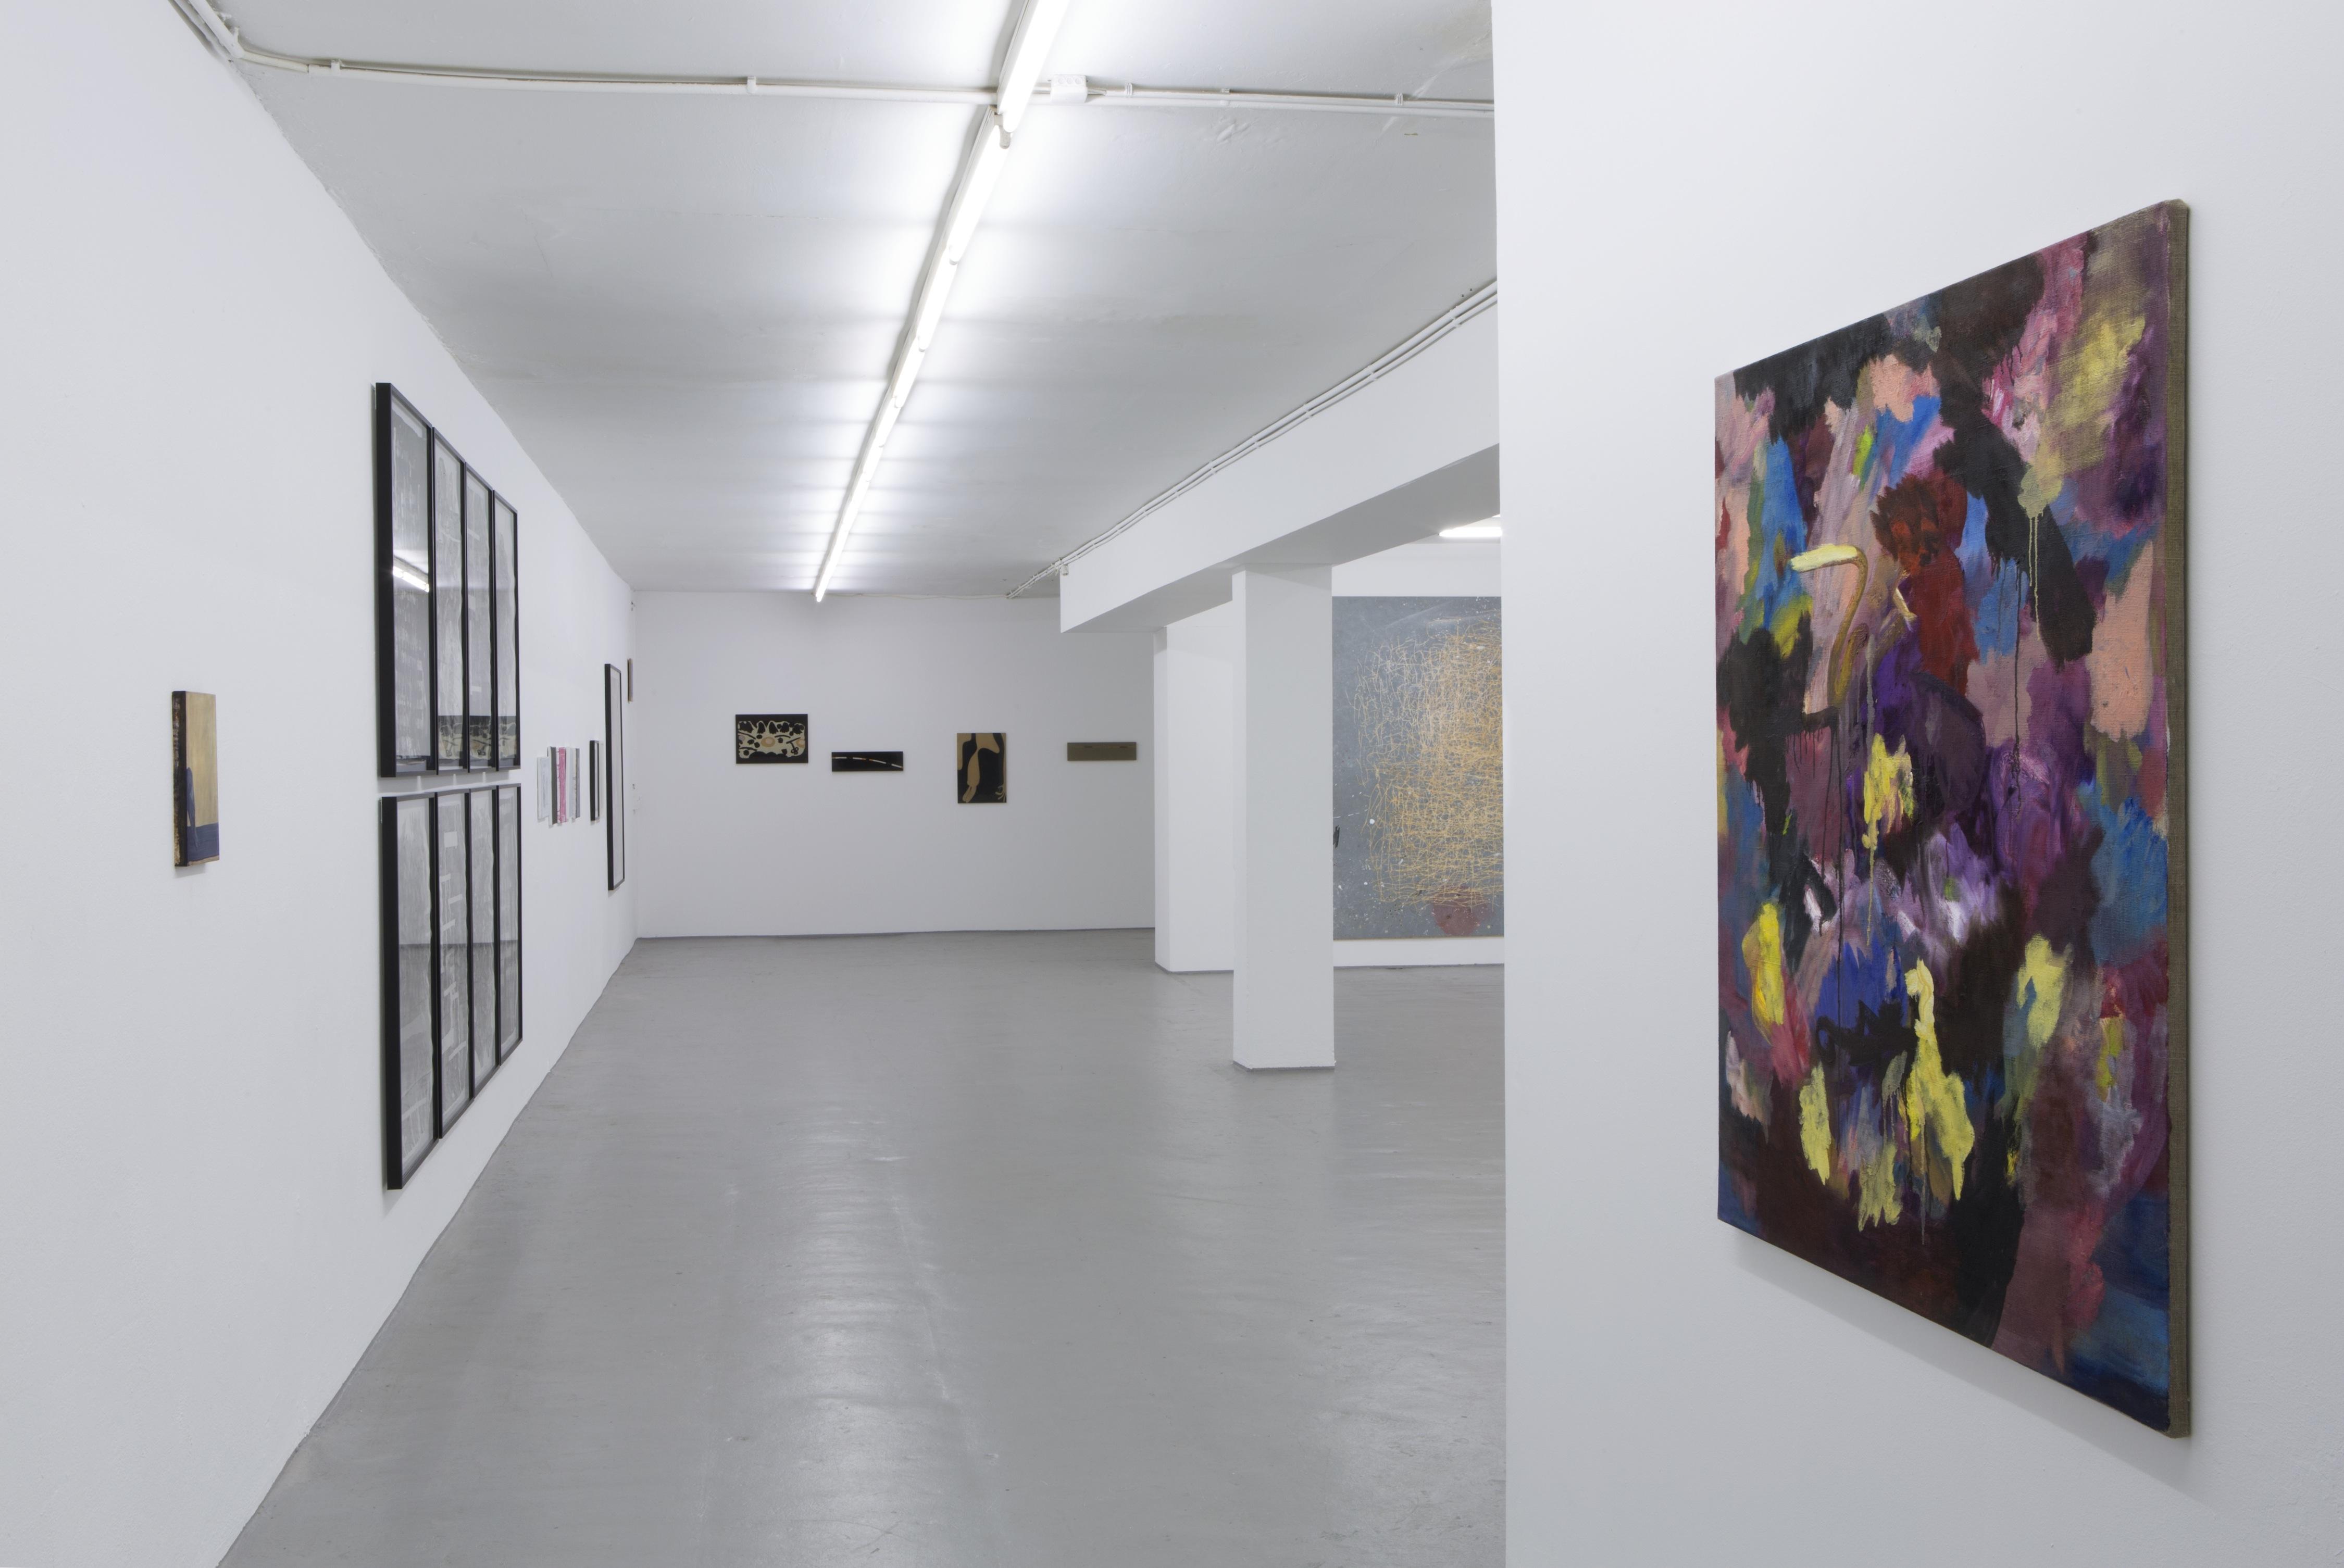 Your Figure in der Carpet: Schuster, Garcia, Tetzlaff